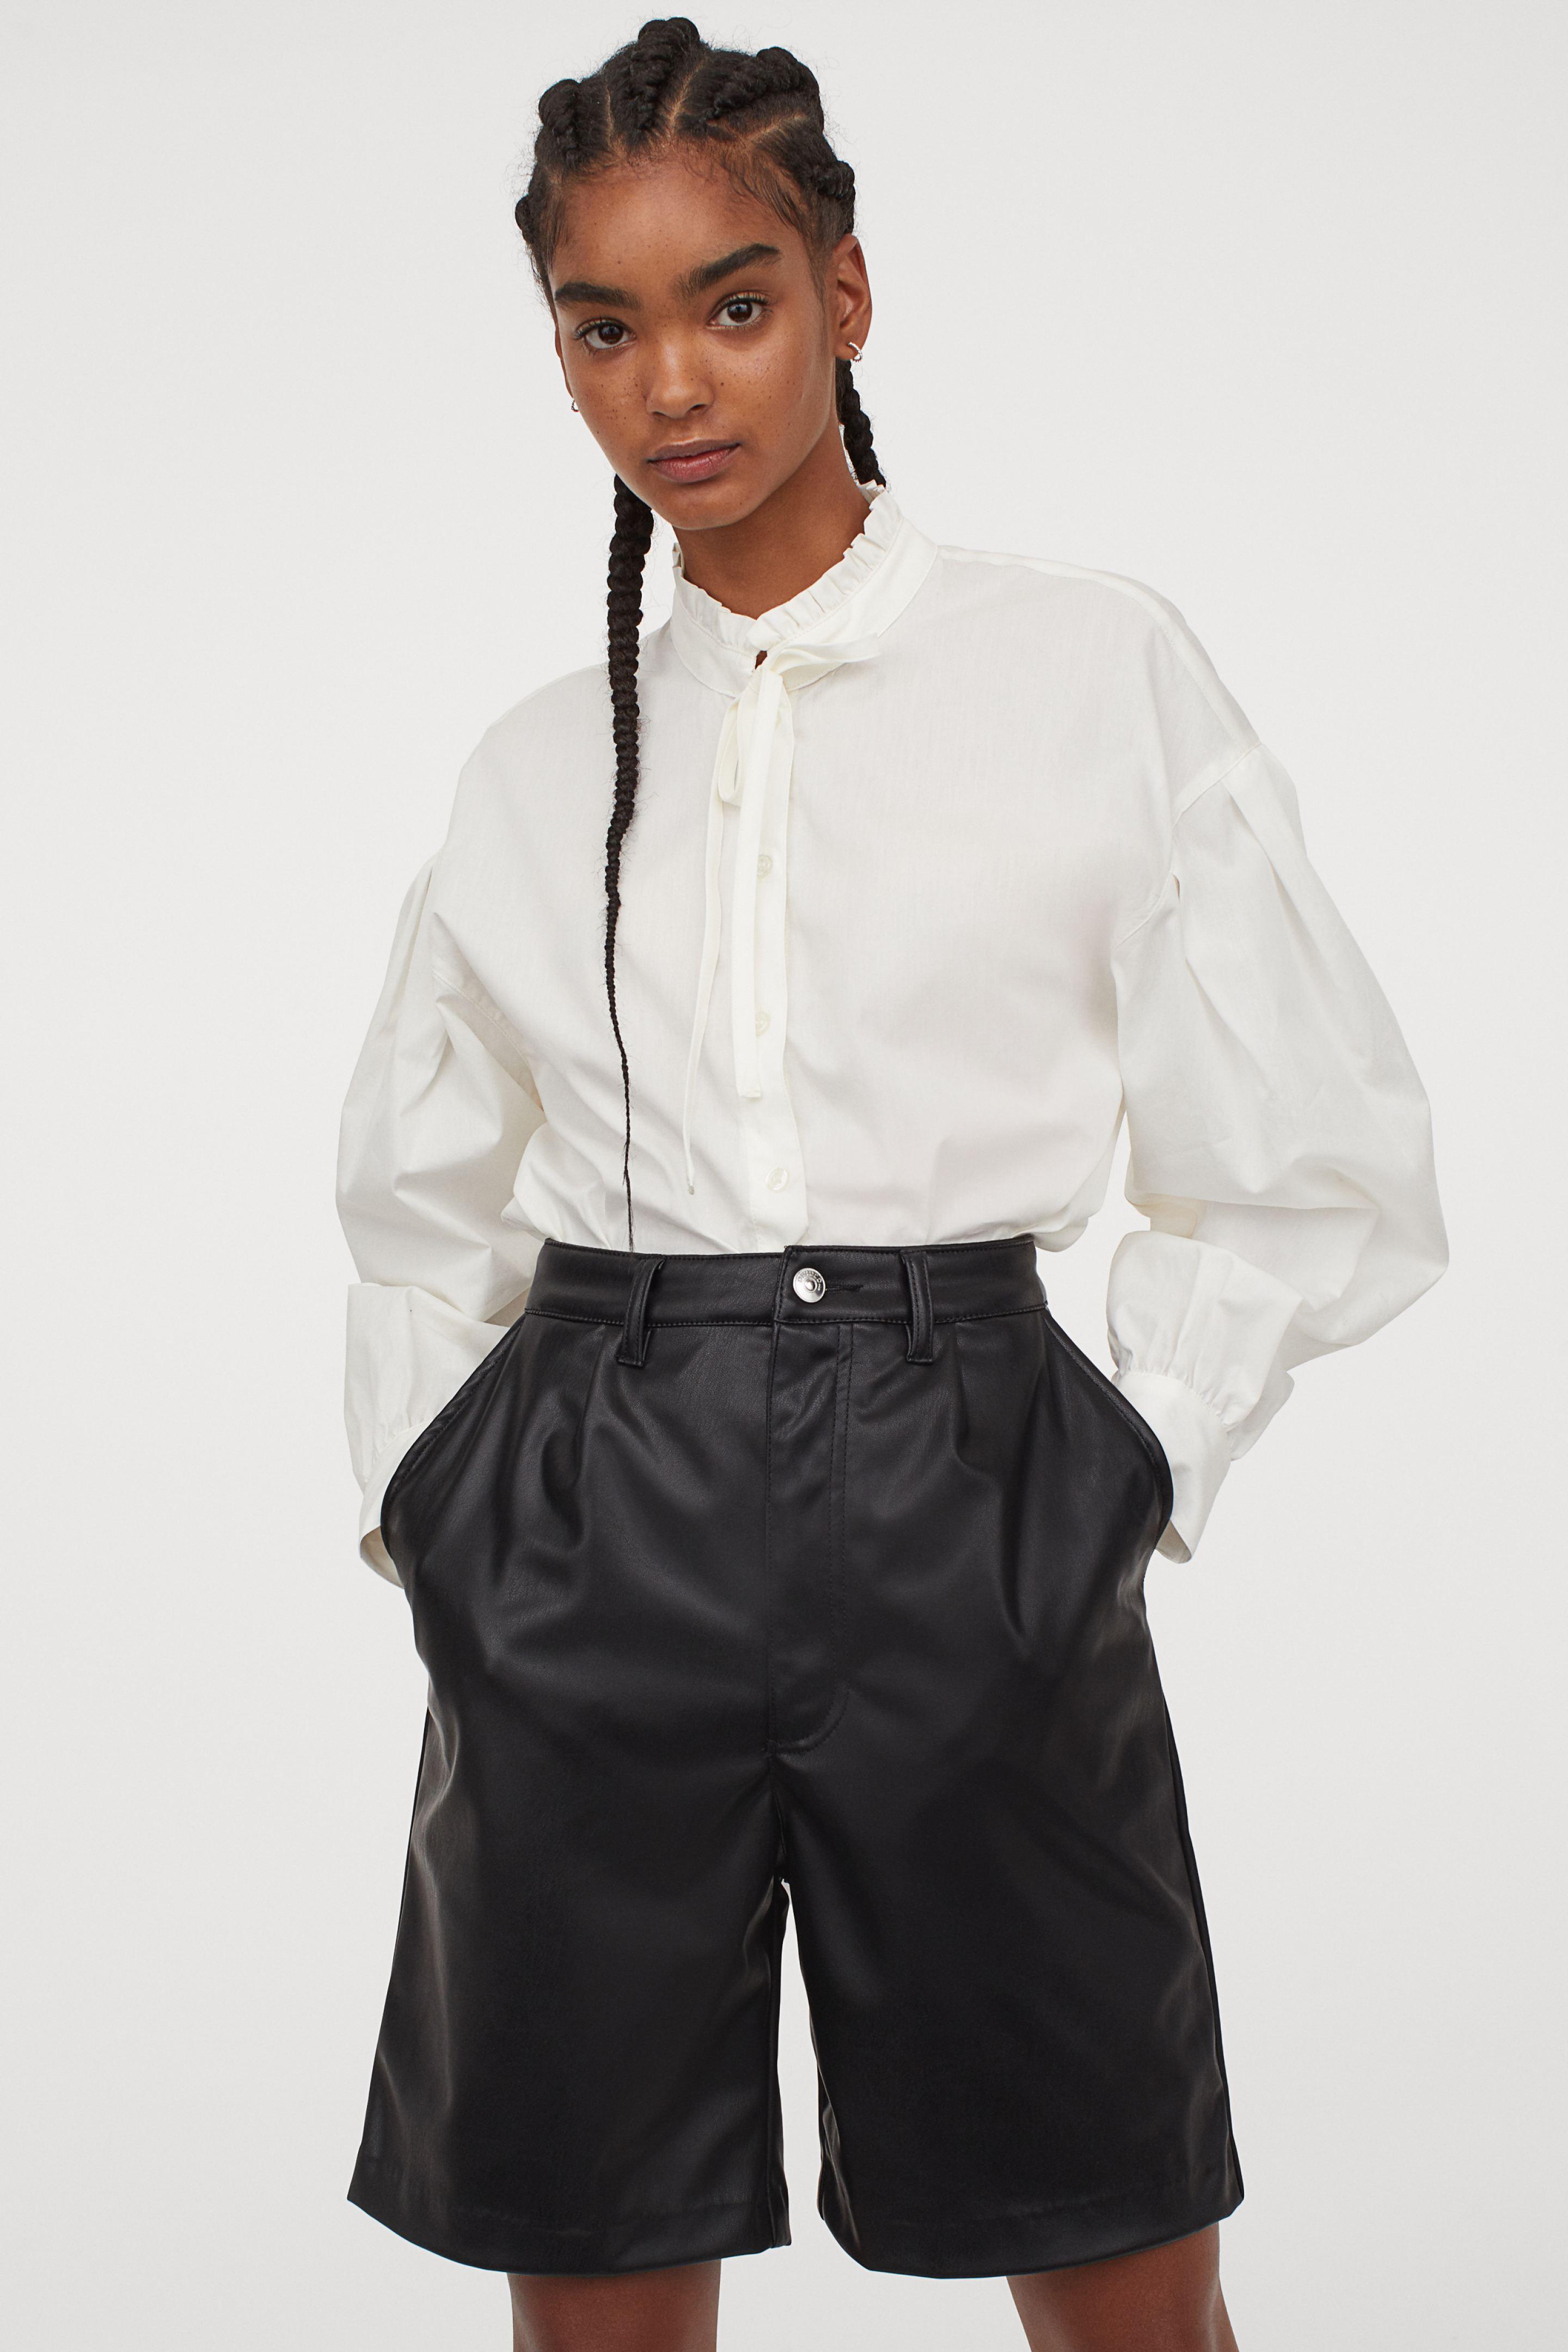 Fake leather shorts